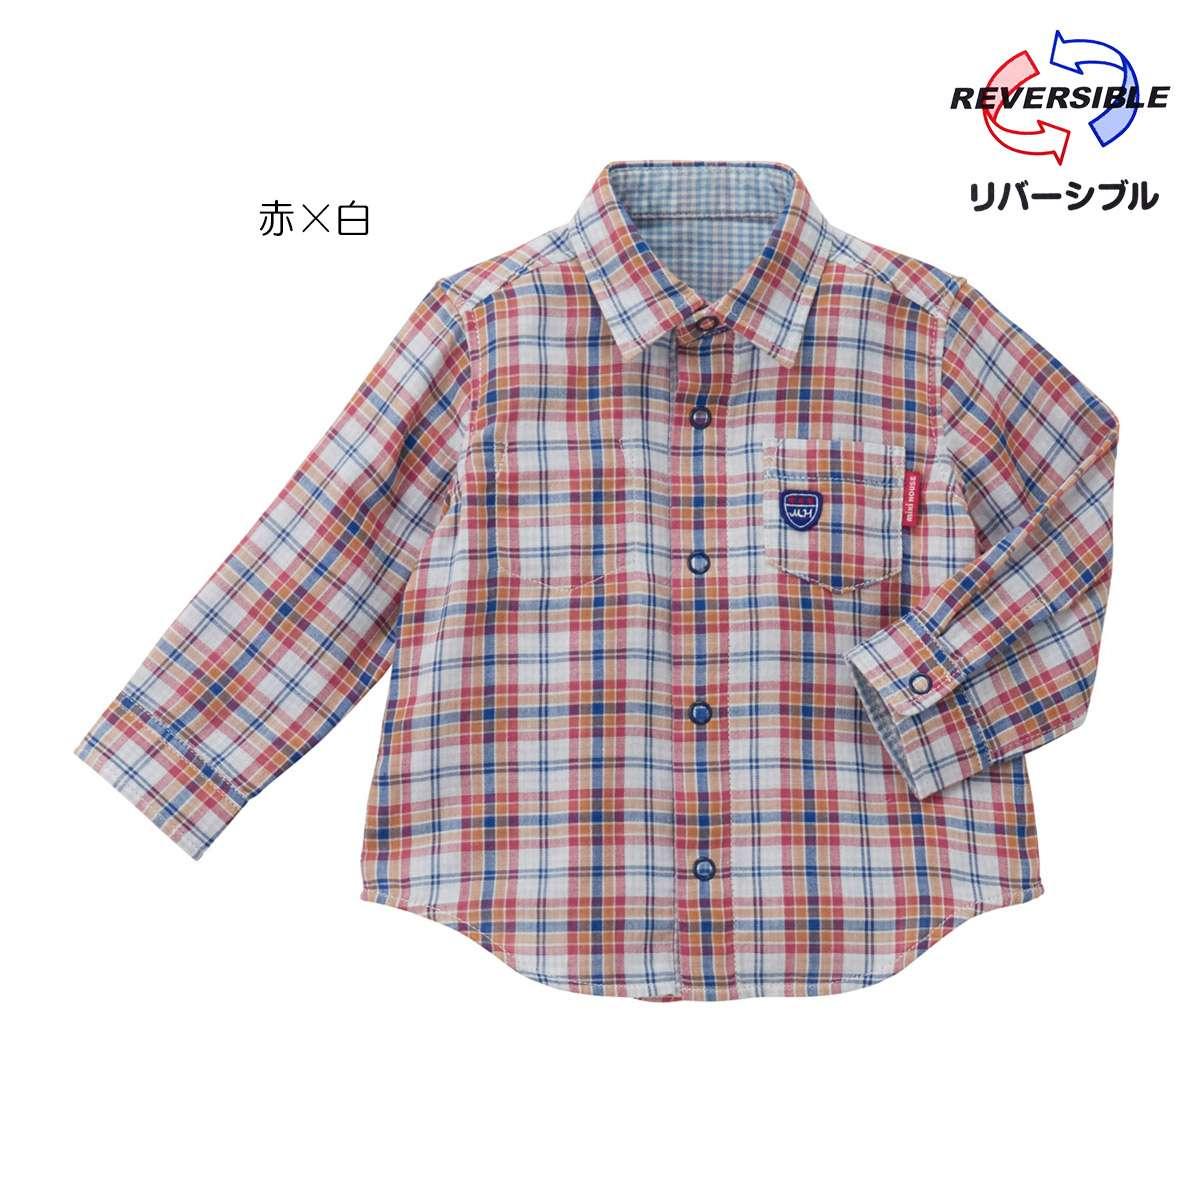 ミキハウス 長袖シャツ シャツ 春 2020(110cm-130cm)mikihouse 【11-5301-827】 20p11 mkp11